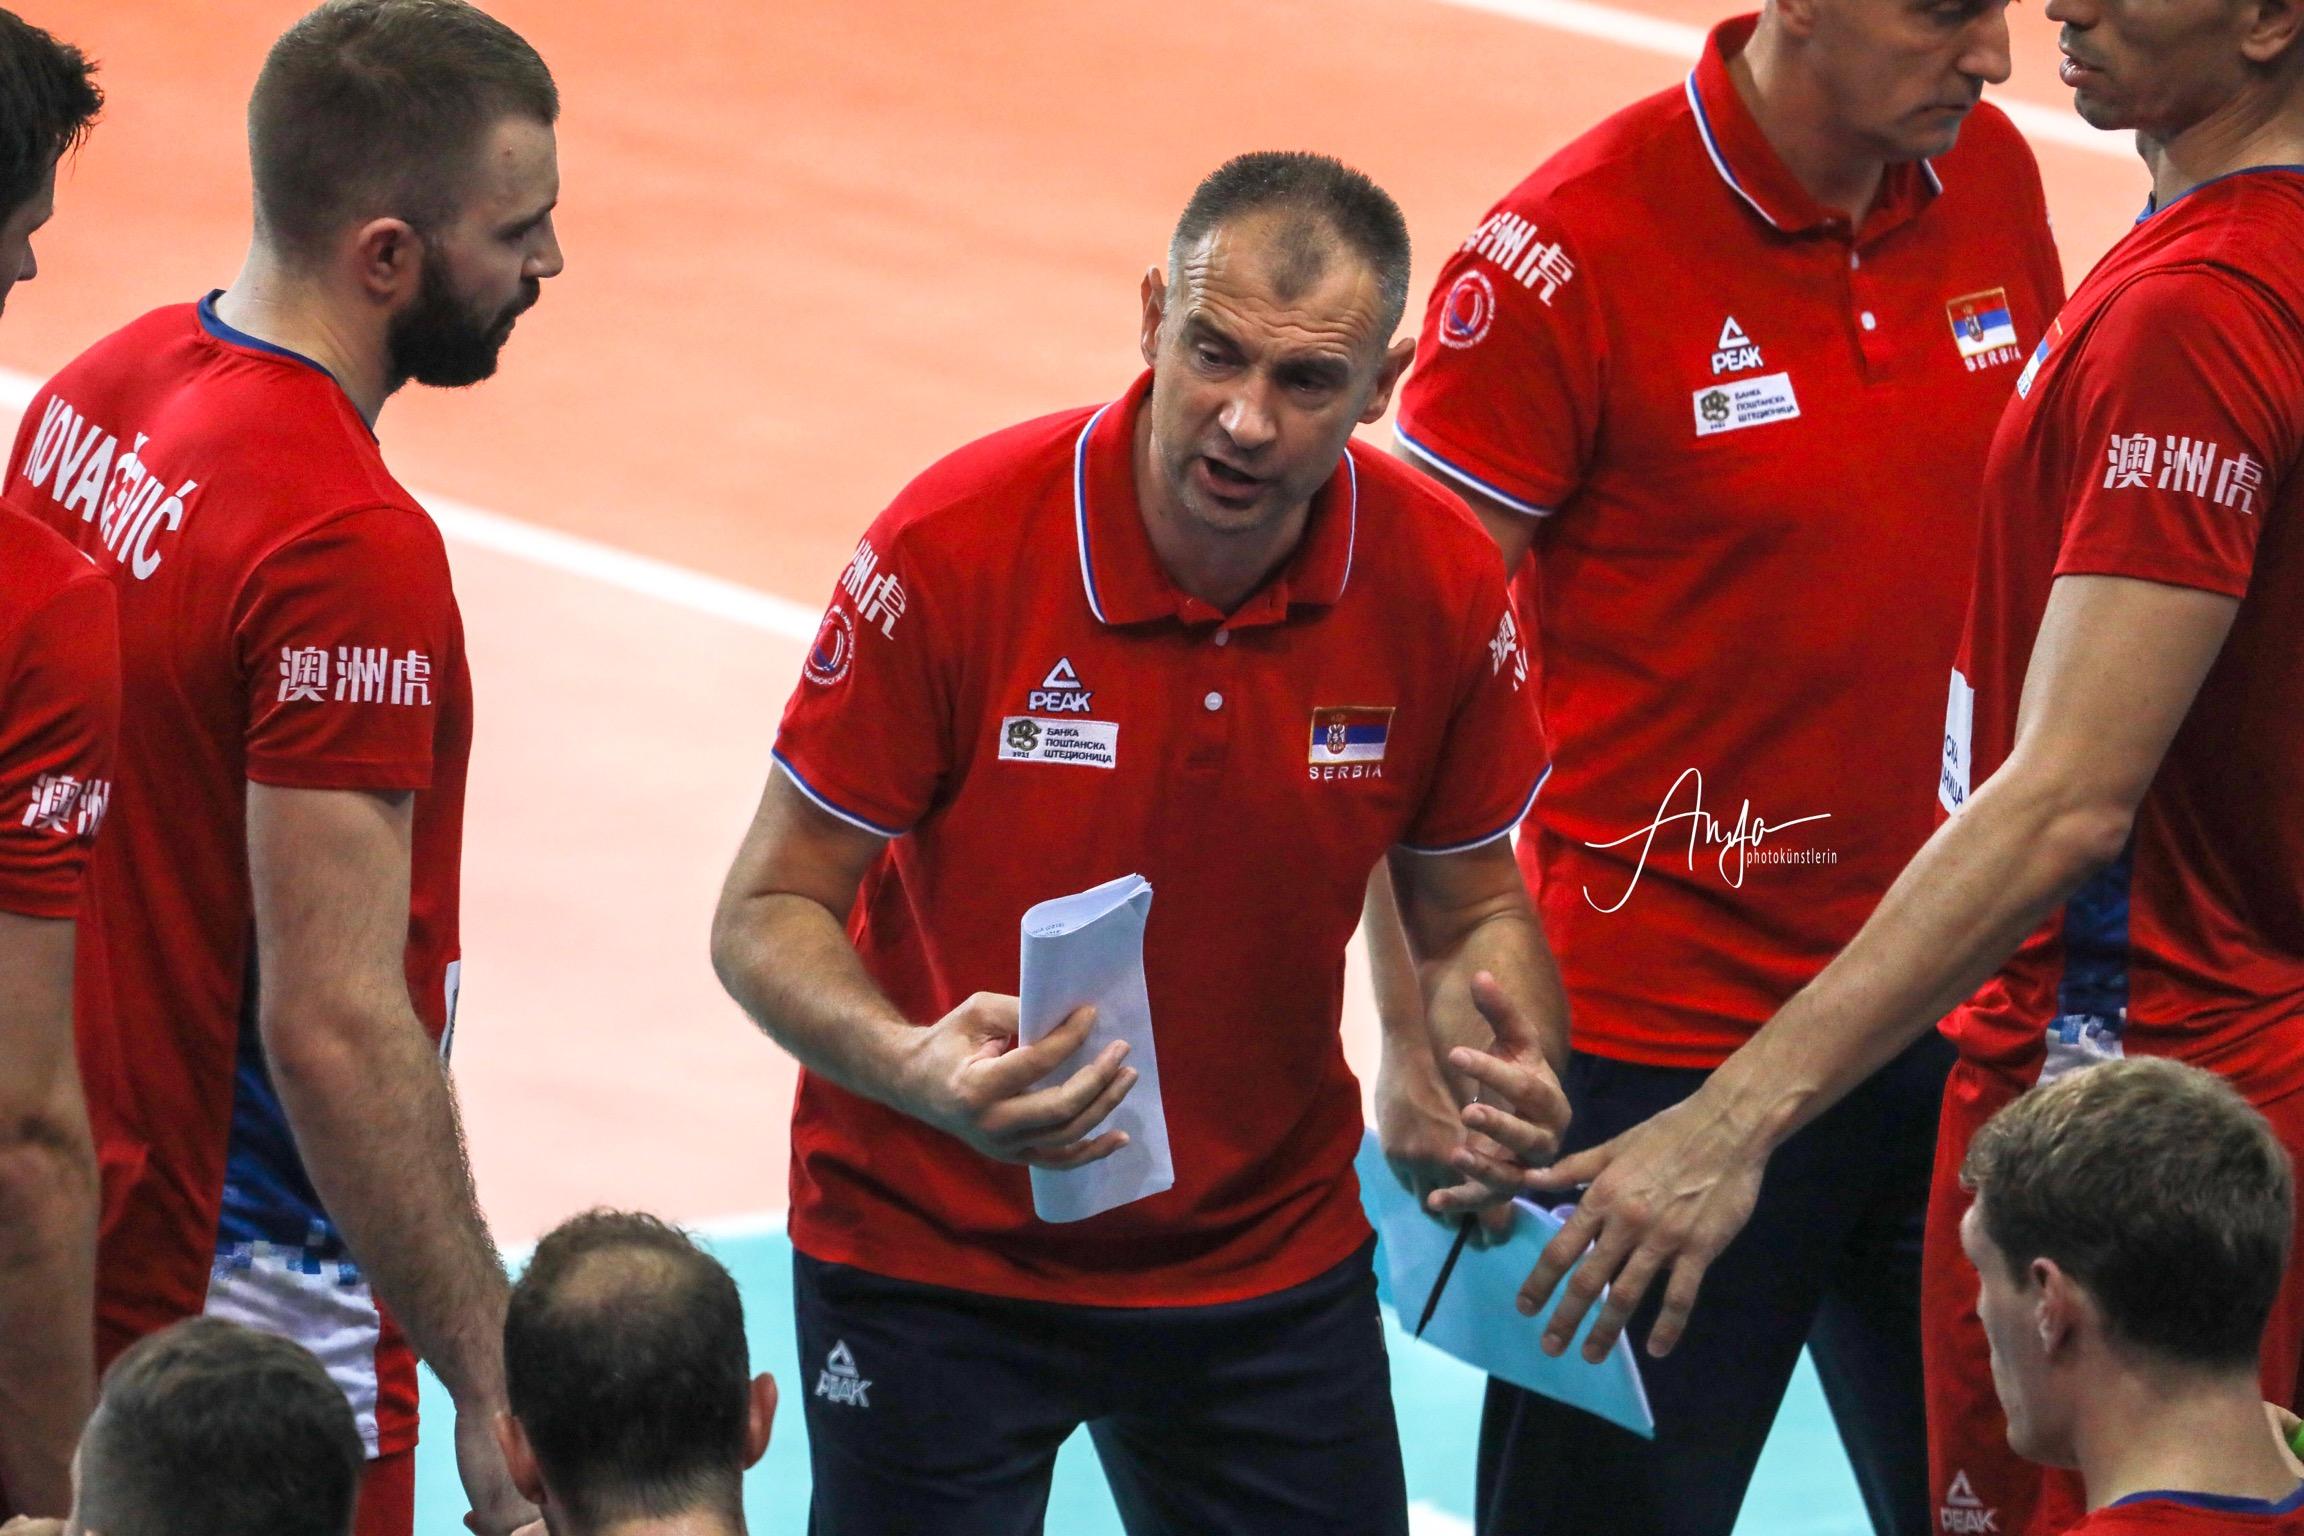 Serbia national team head coach Nikola Grbic to ZAKSA Kędzierzyn-Koźle